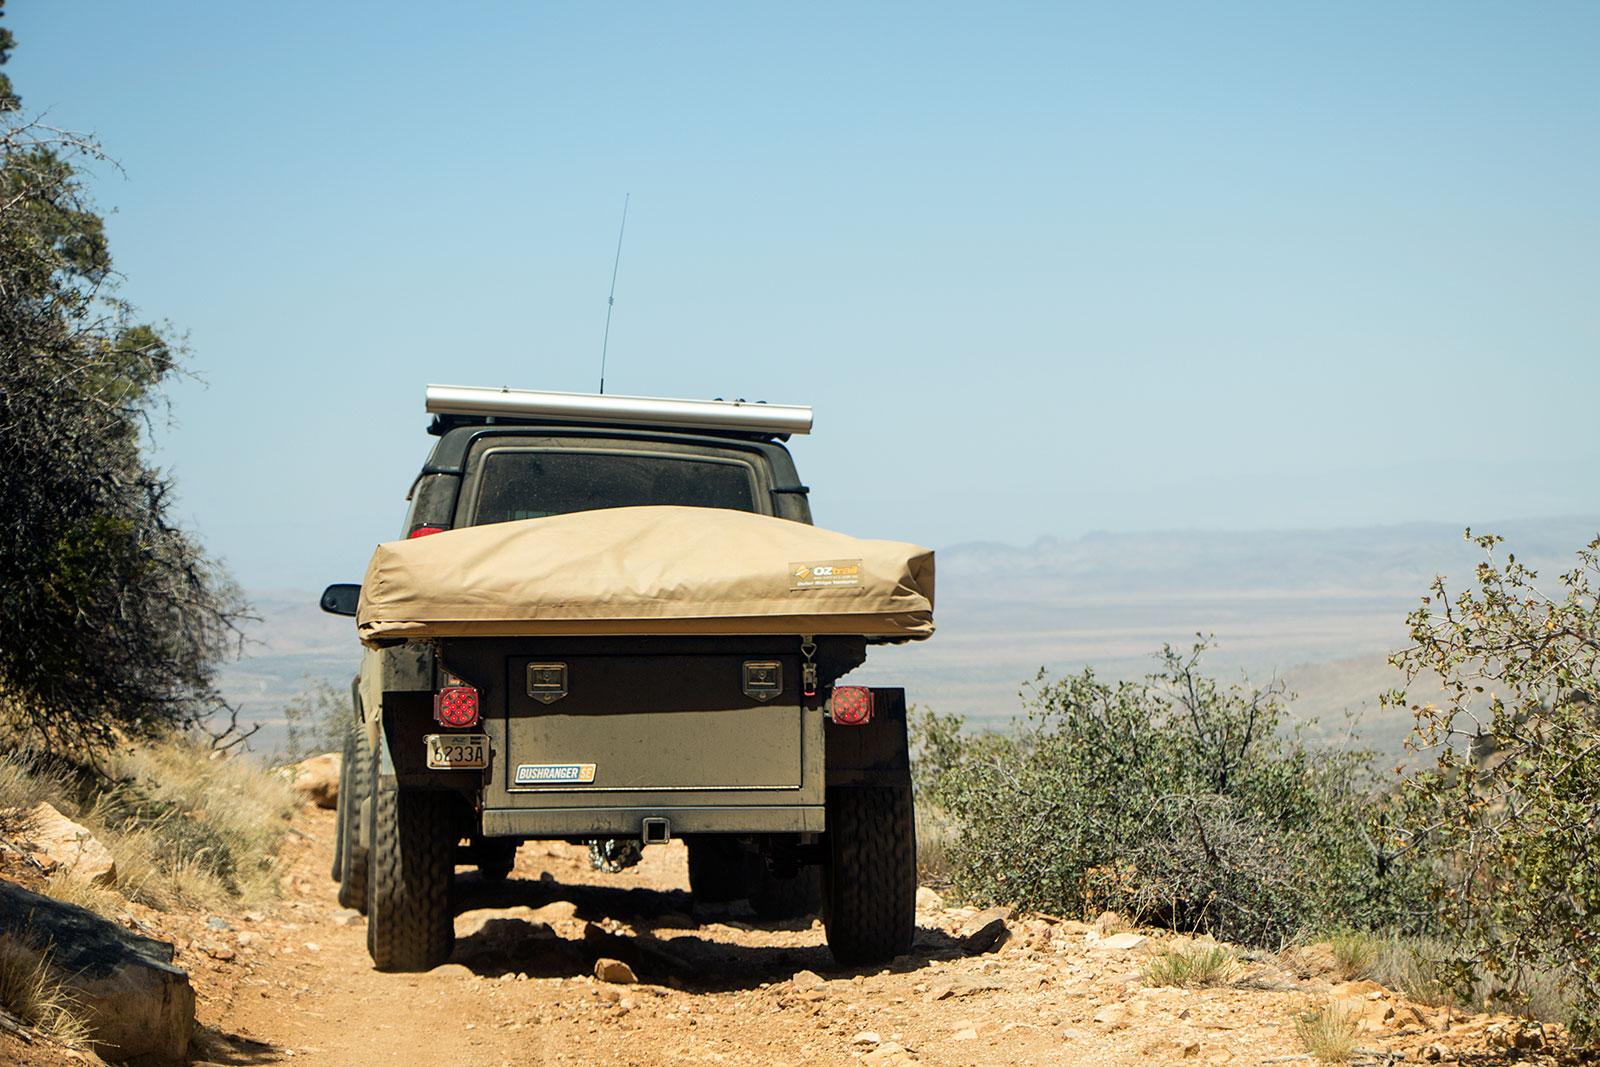 OZtrail Outer Ridge Venturer Trailer